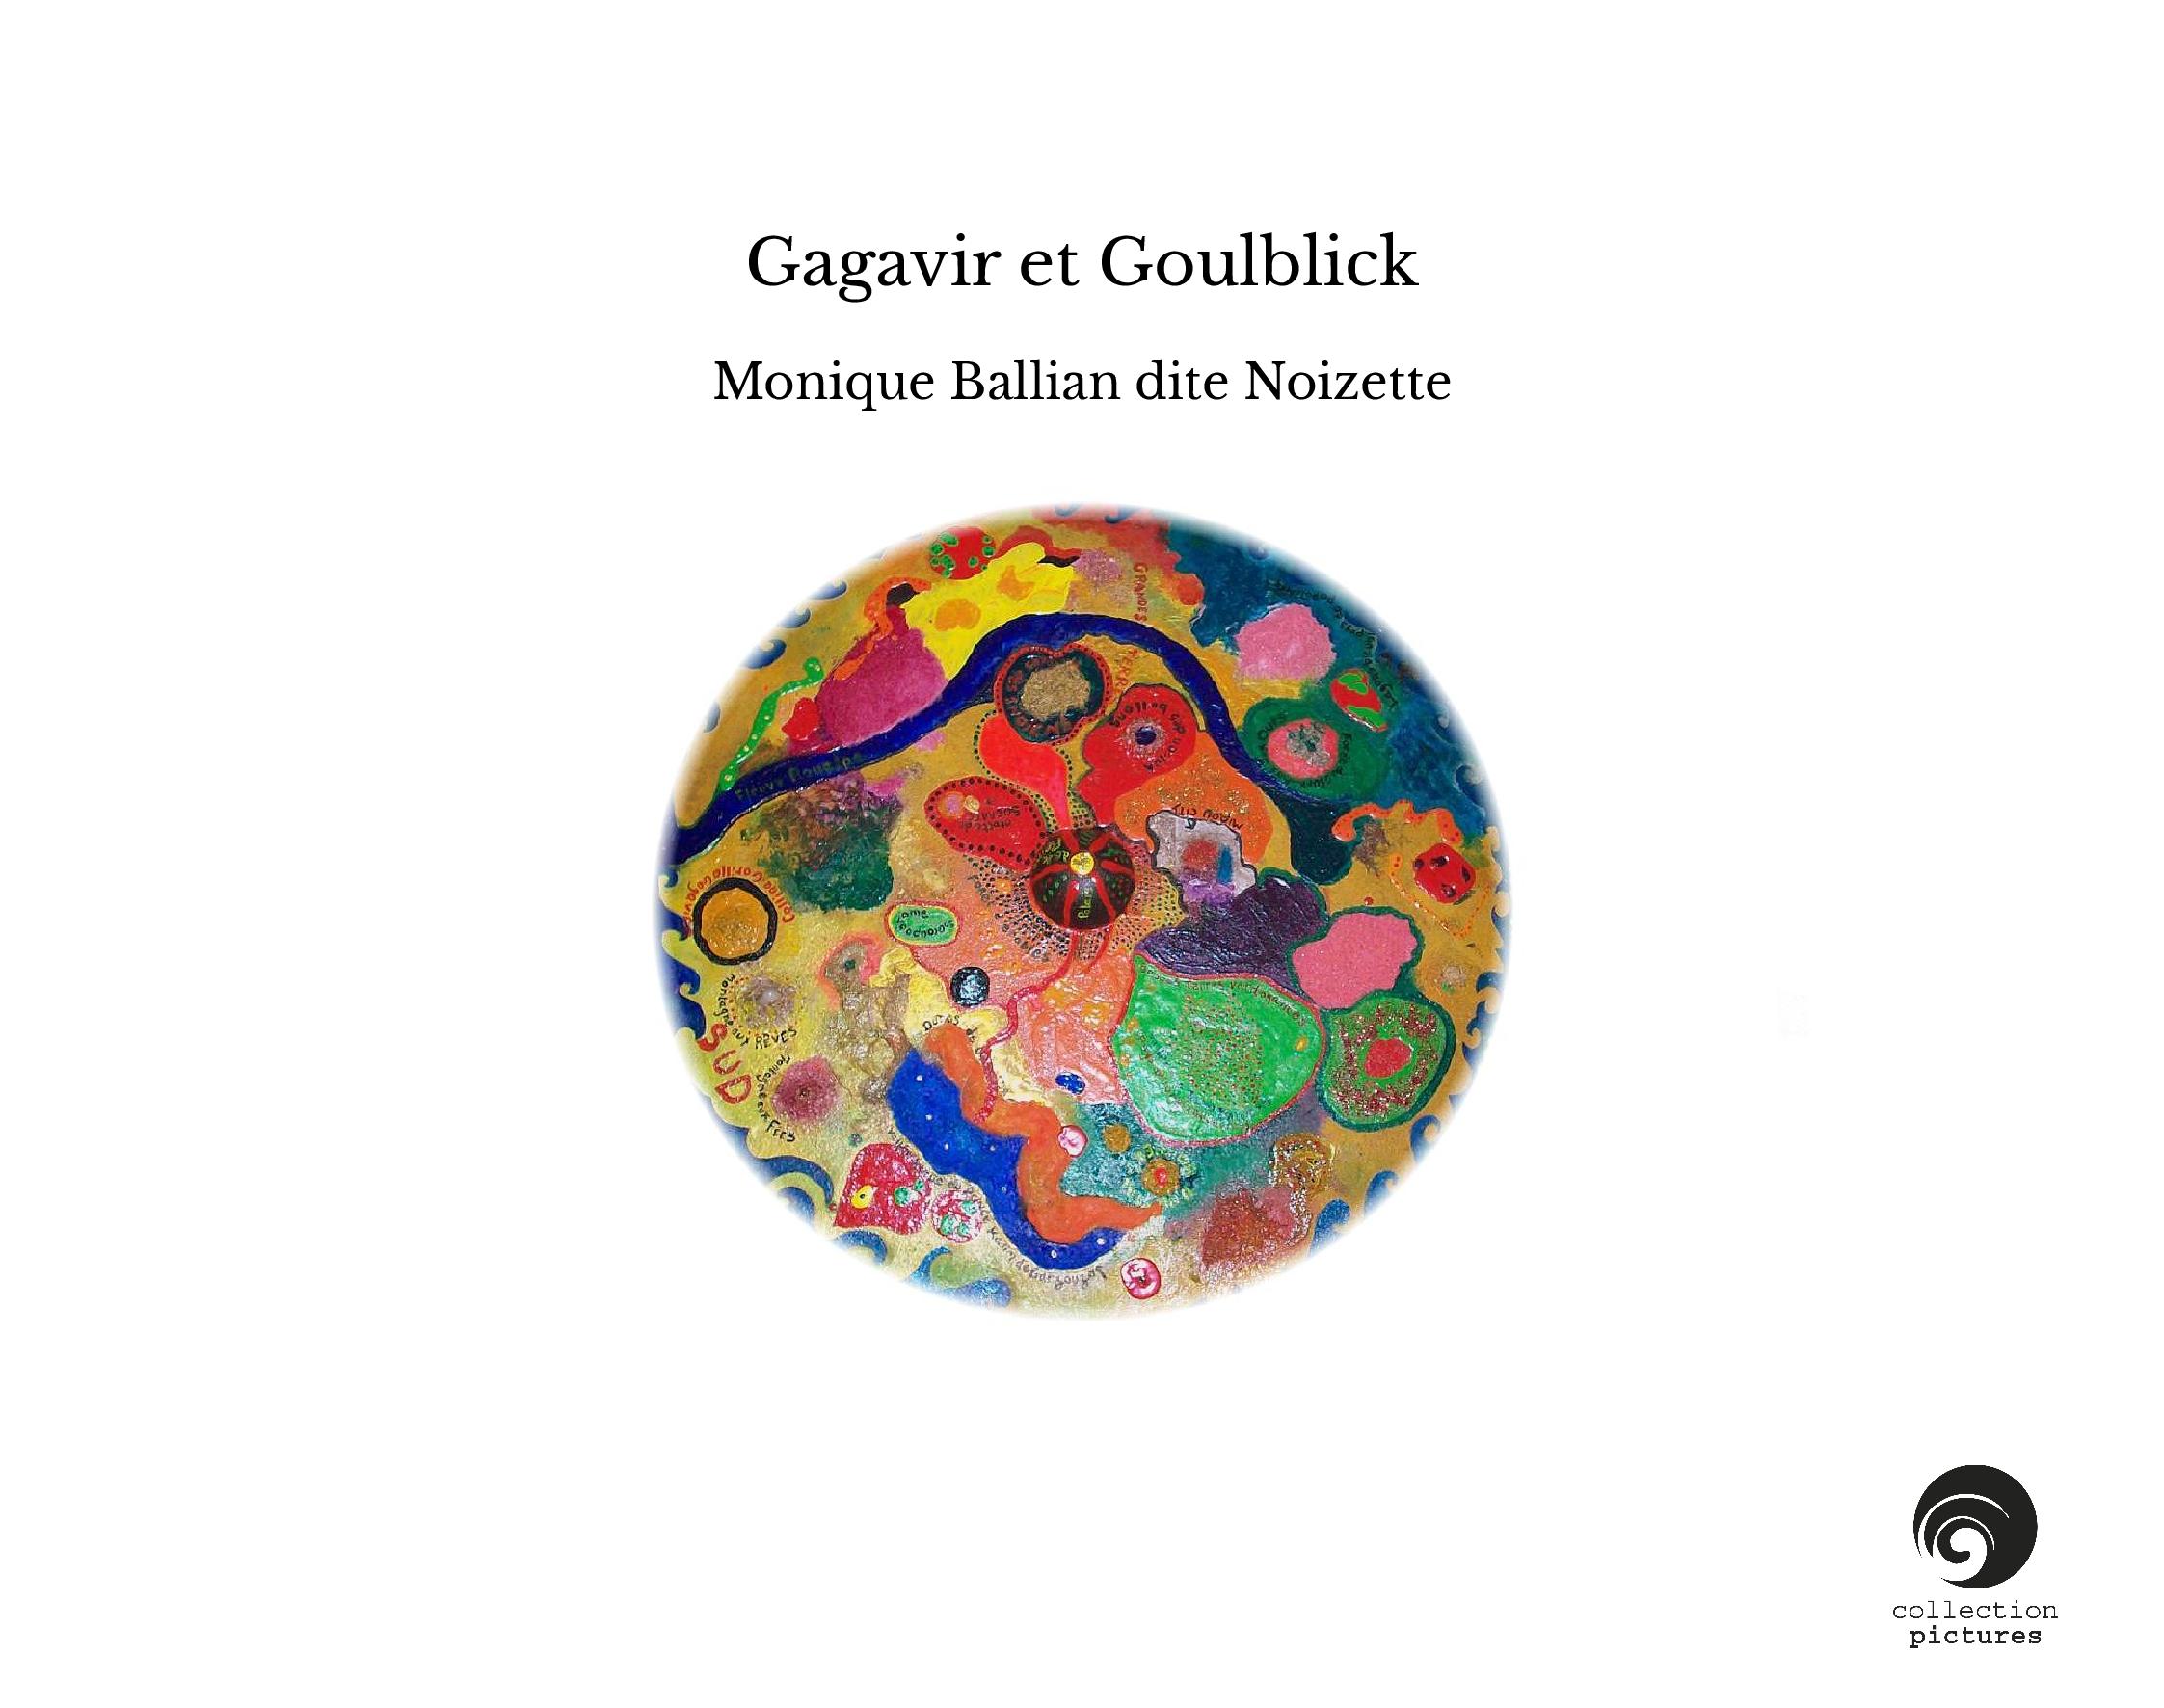 Gagavir et Goulblick